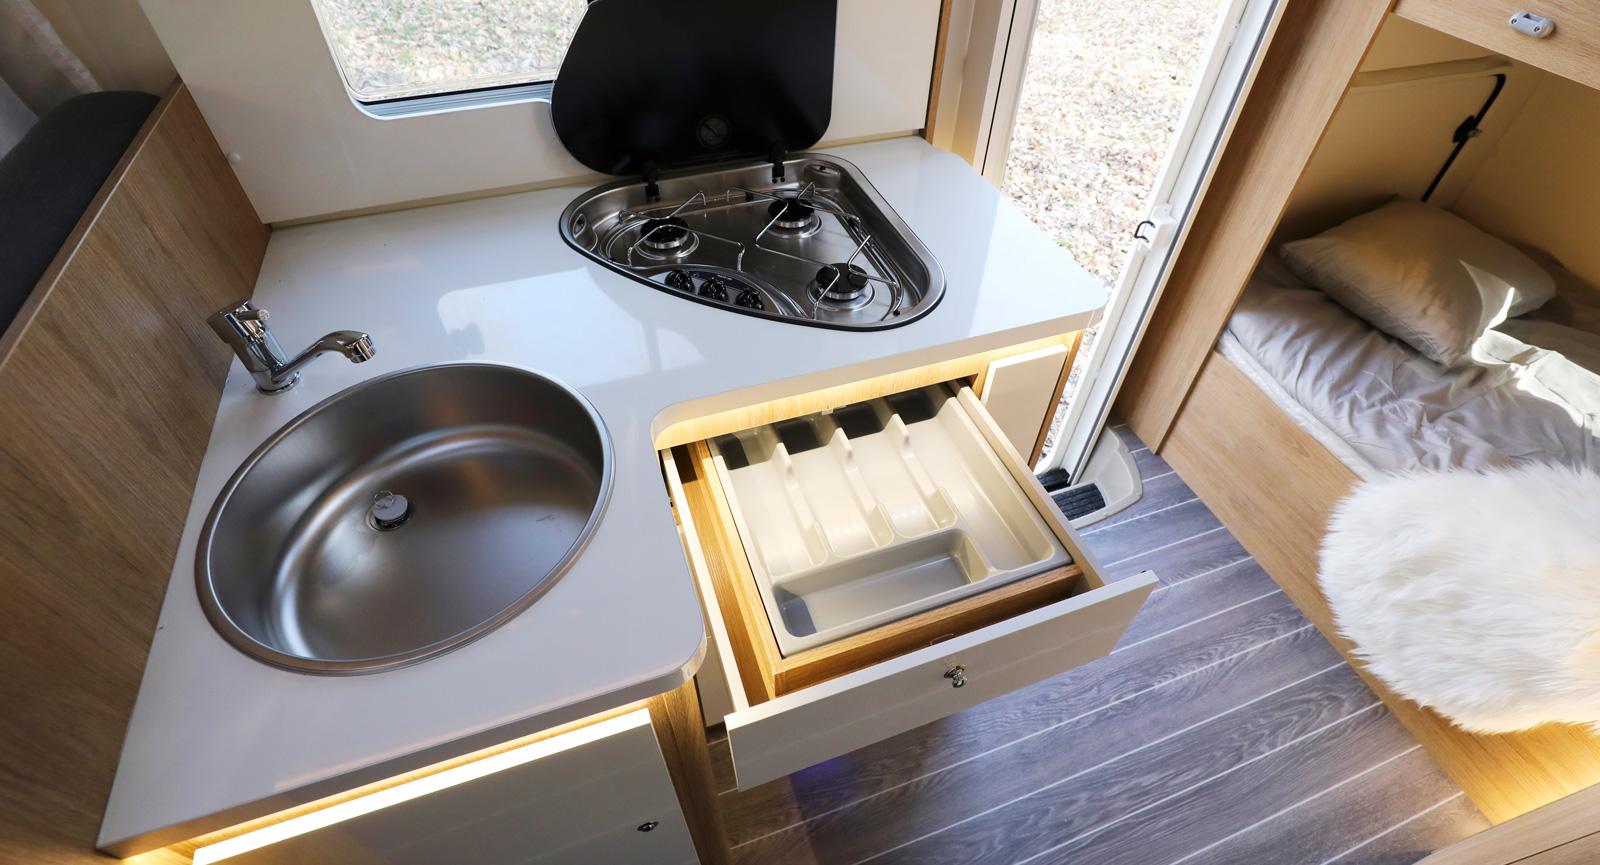 Spisglaset kan fällas ned för mer arbets- och avställningsyta.